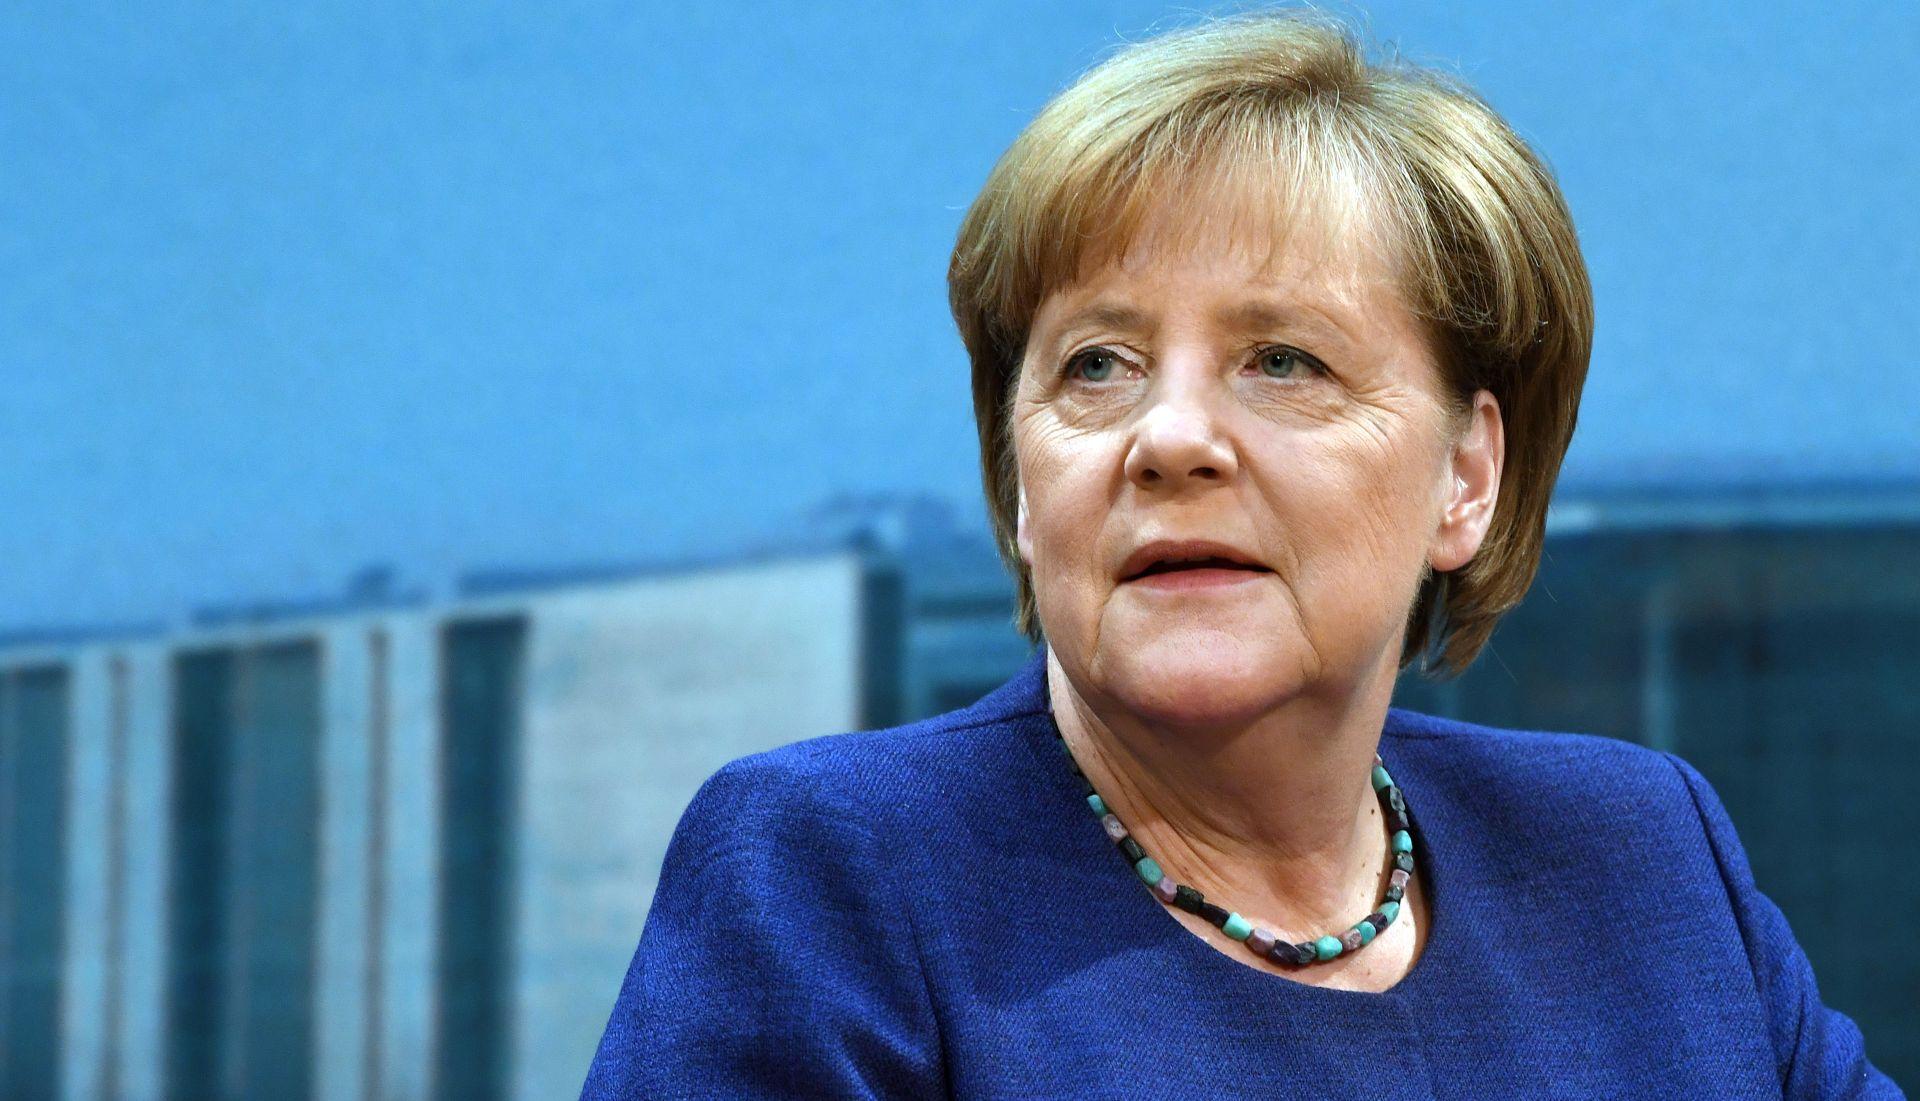 Merkel najavila restrikciju trgovine s Turskom zbog uhićenja